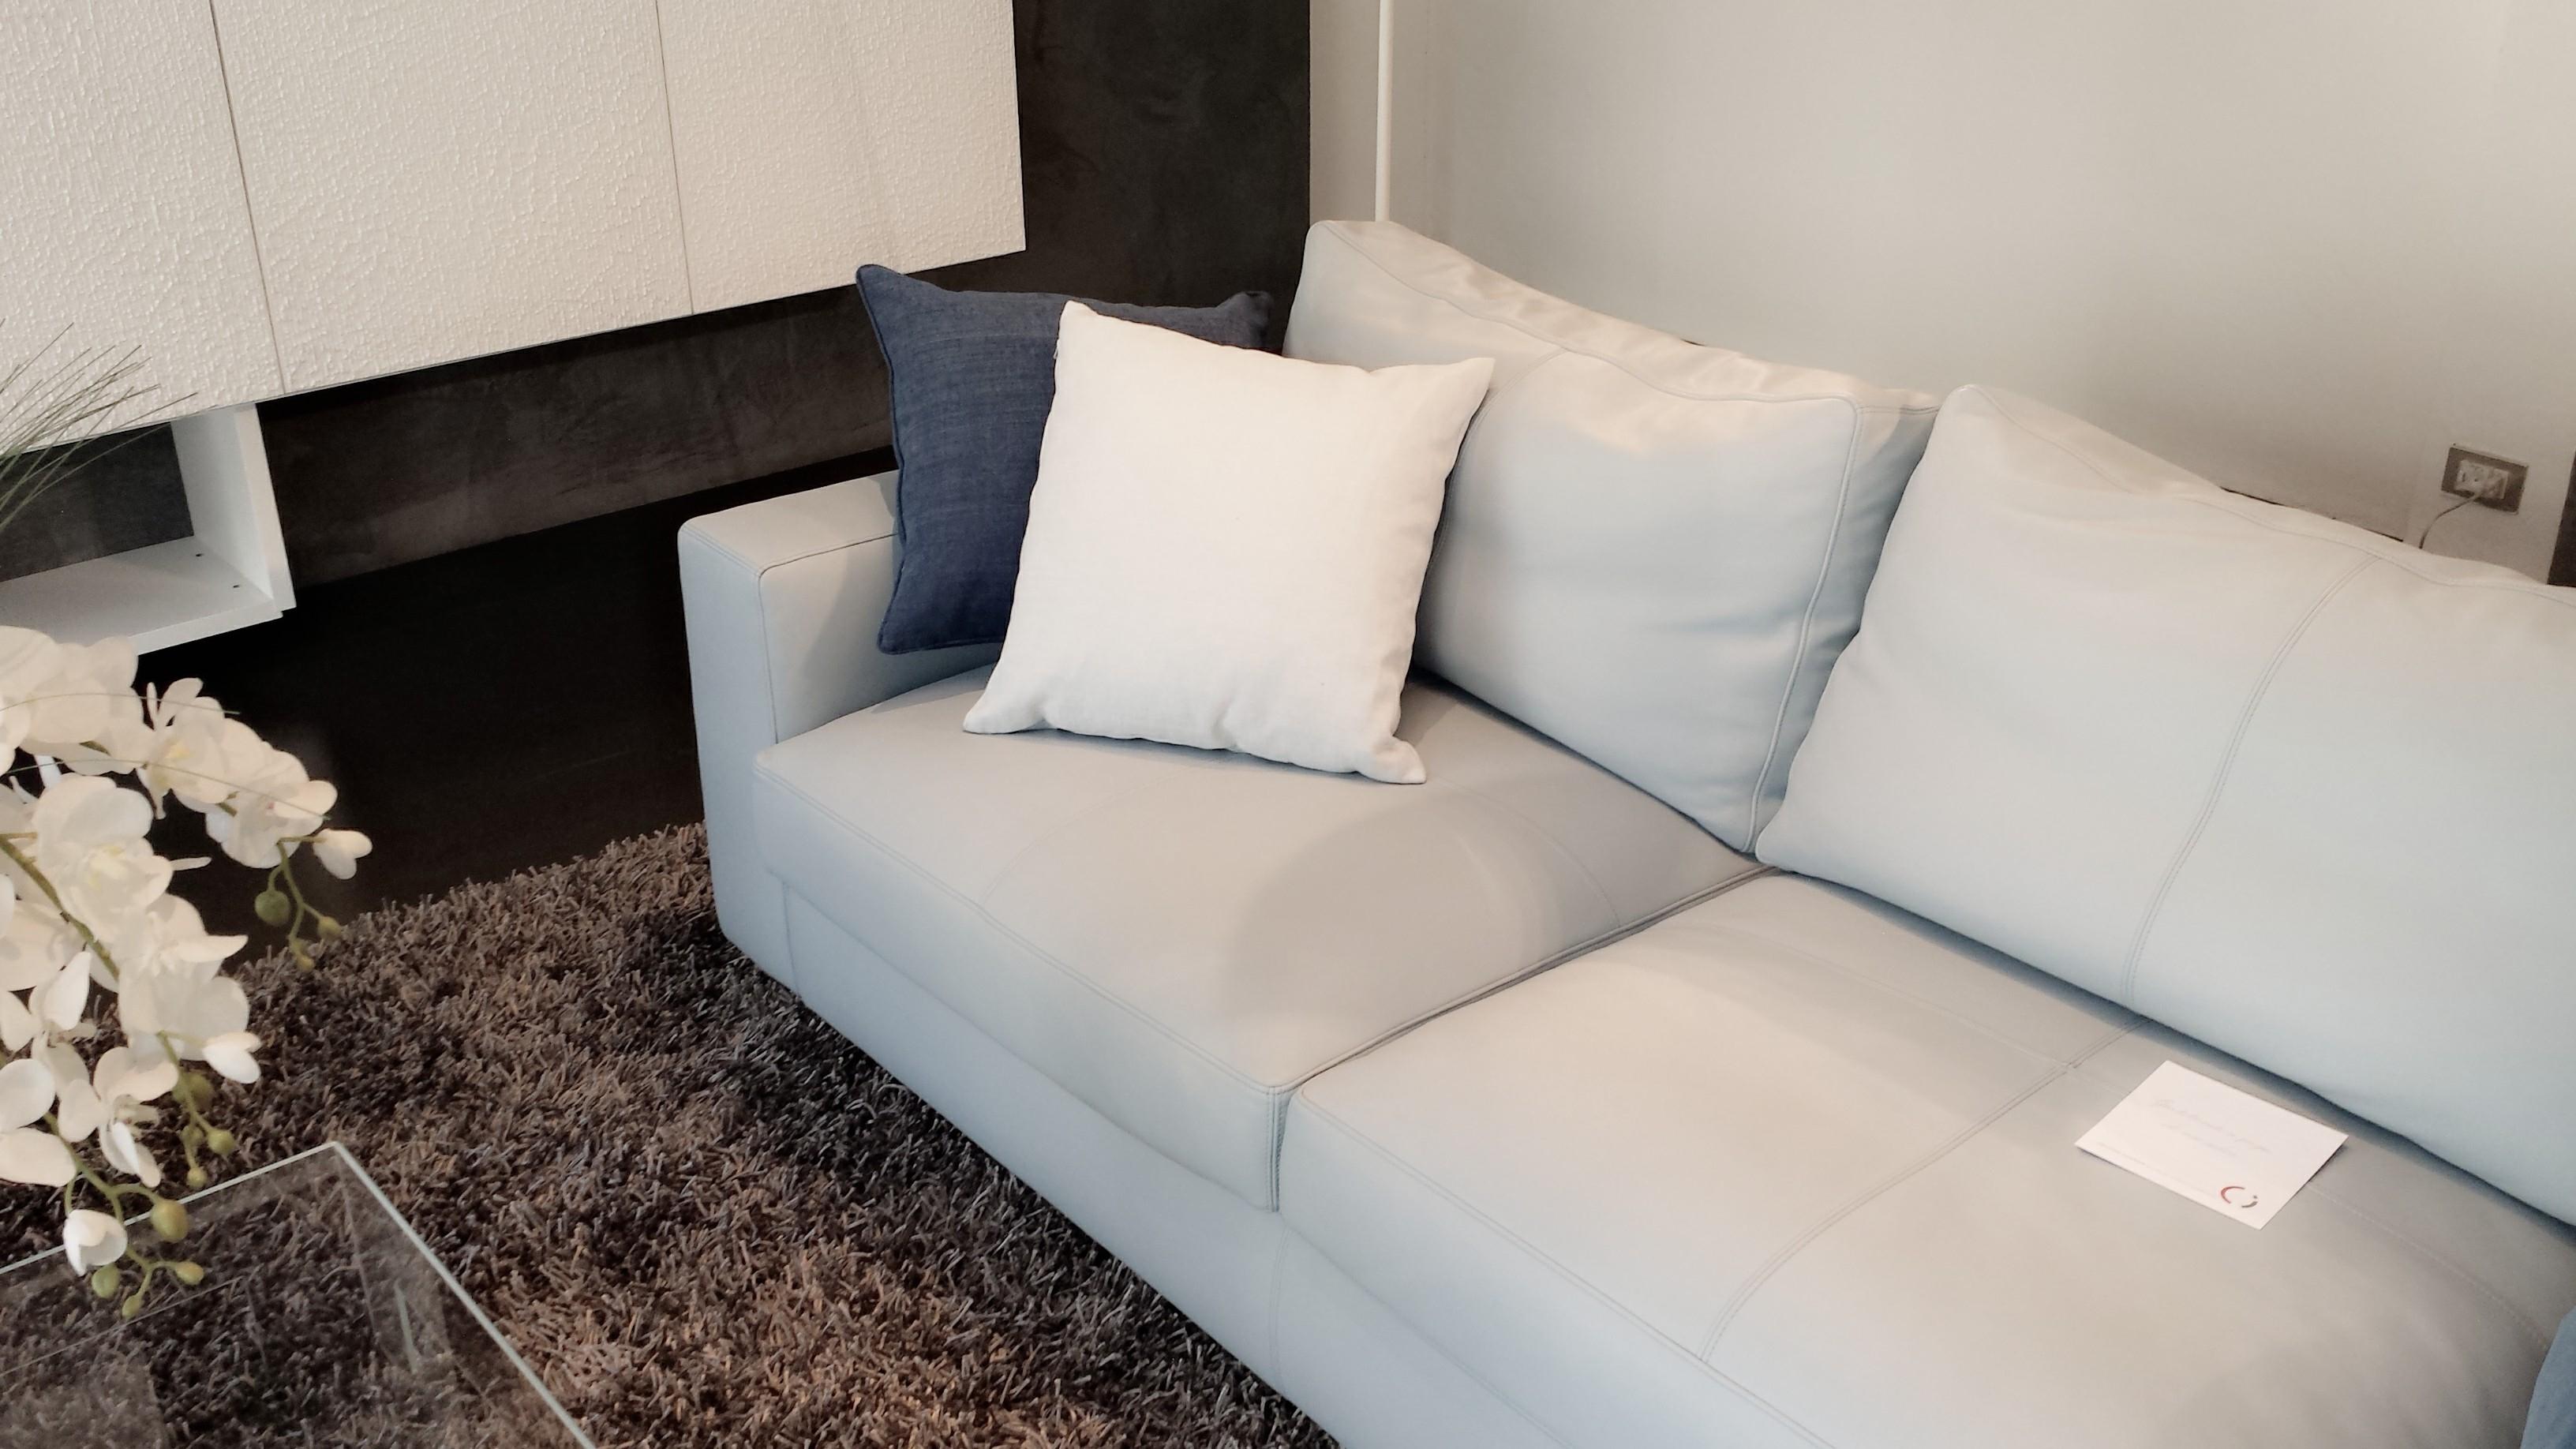 Offertissima poltrona frau divano divani a prezzi scontati for Poltrona frau prezzo